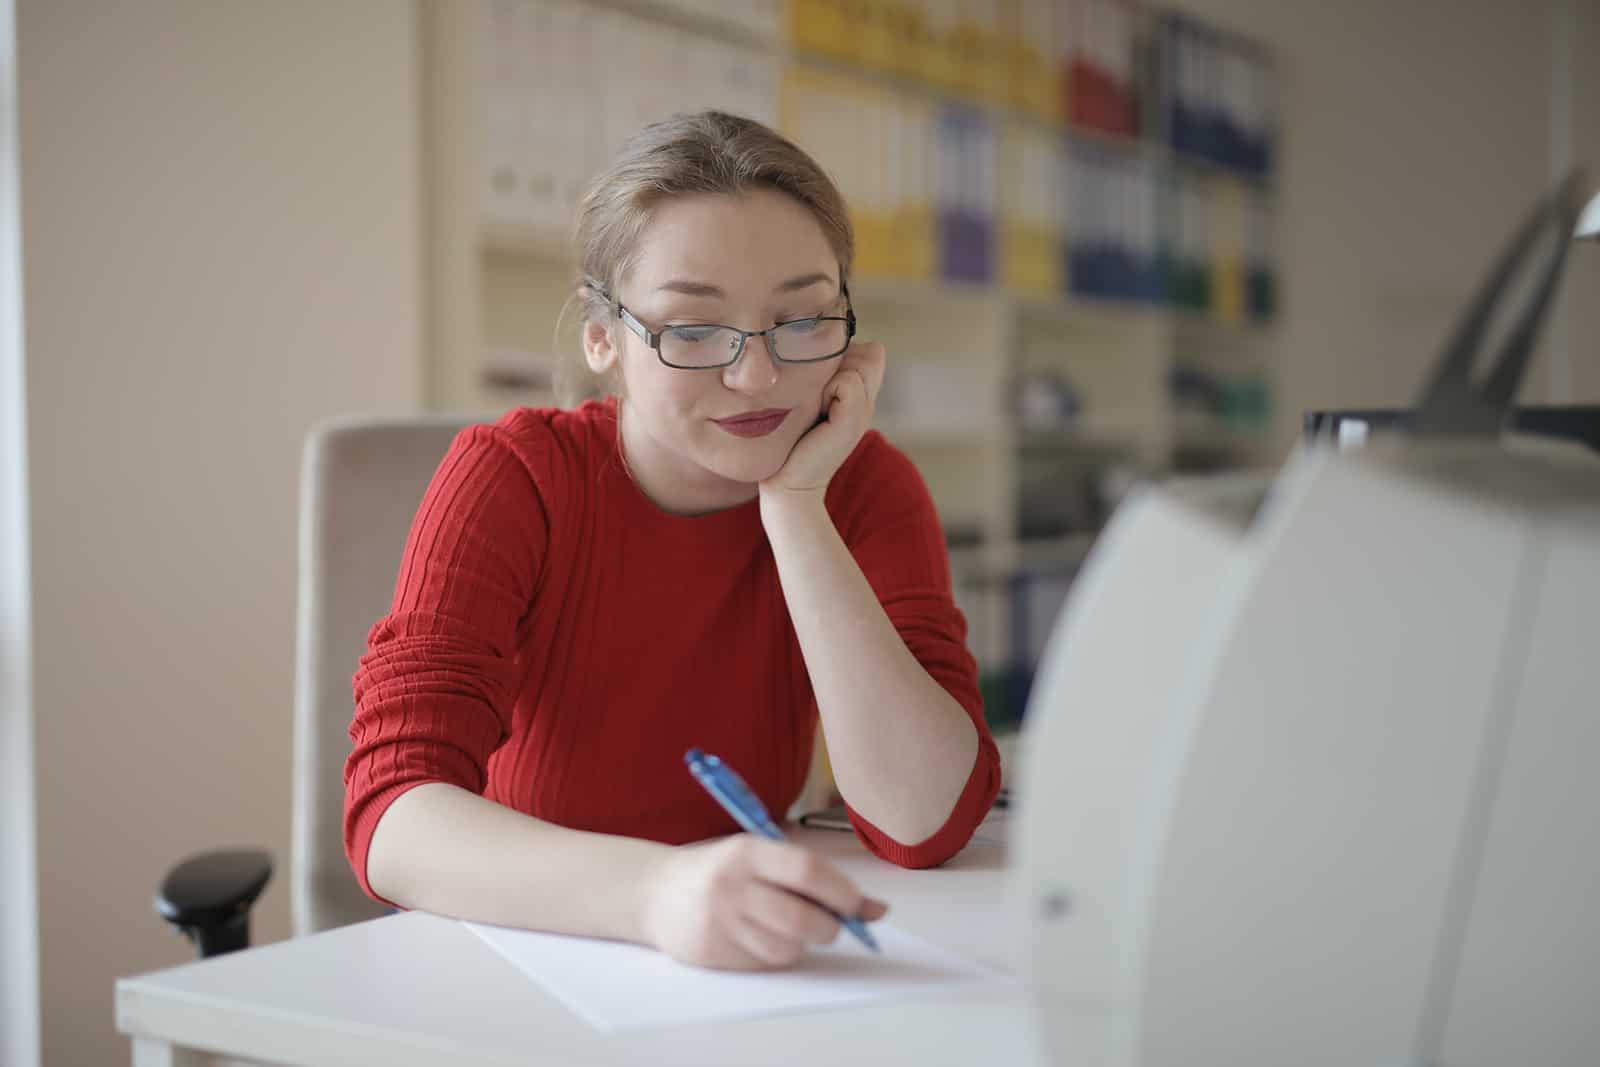 eine nachdenkliche Frau, die einen Stift hält, während sie im Büro sitzt